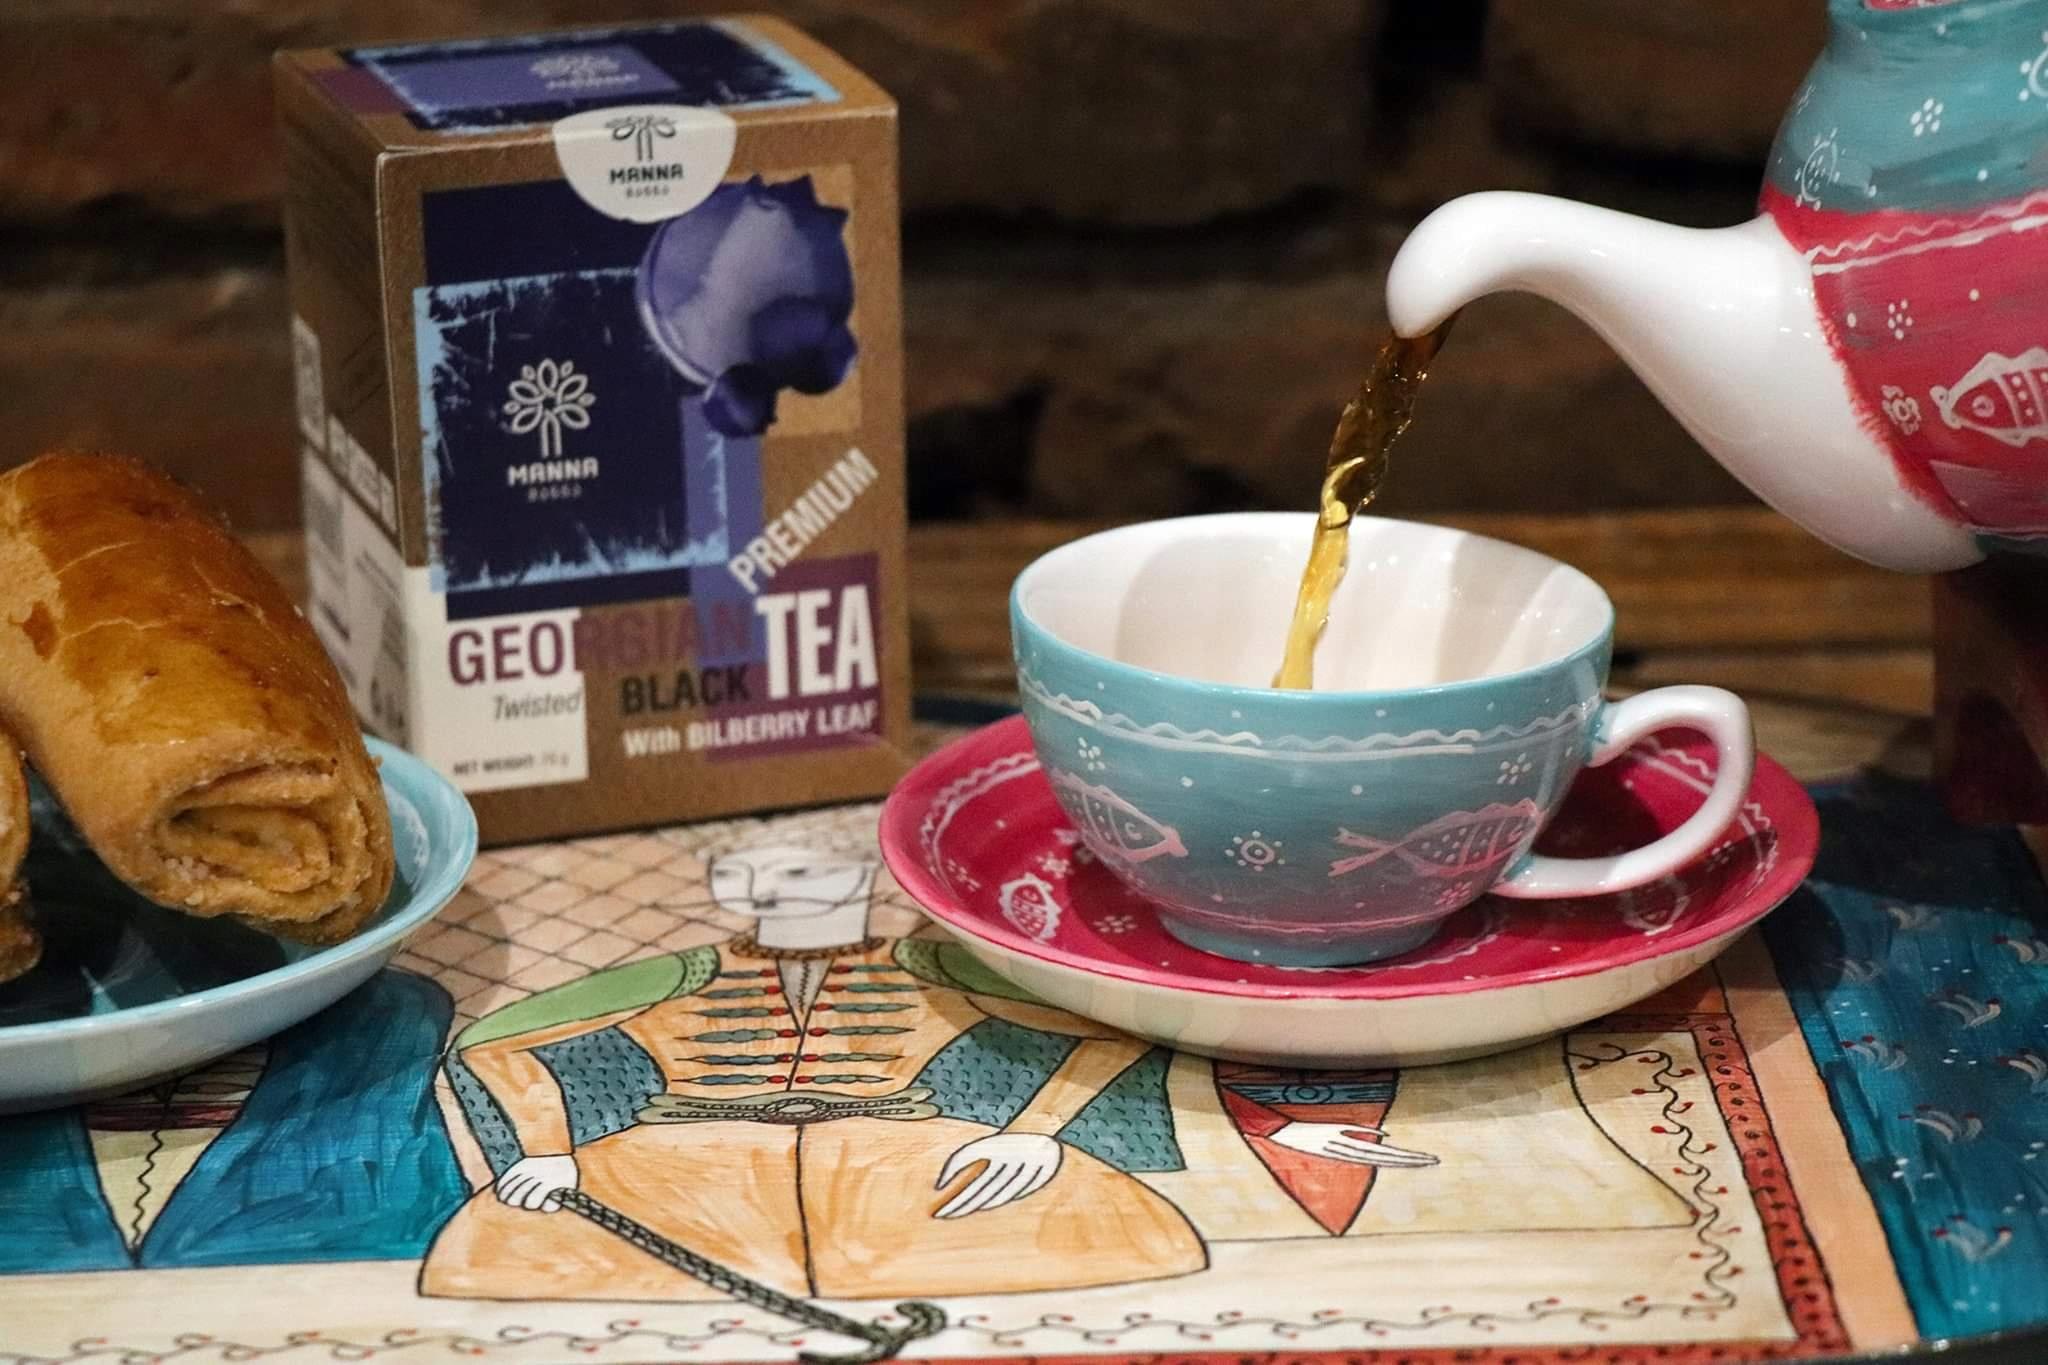 Czarna herbata+liści borówki BEZ PESTYCYDÓW Gruzja Nazwa handlowa Czarna herbata z liści borówki